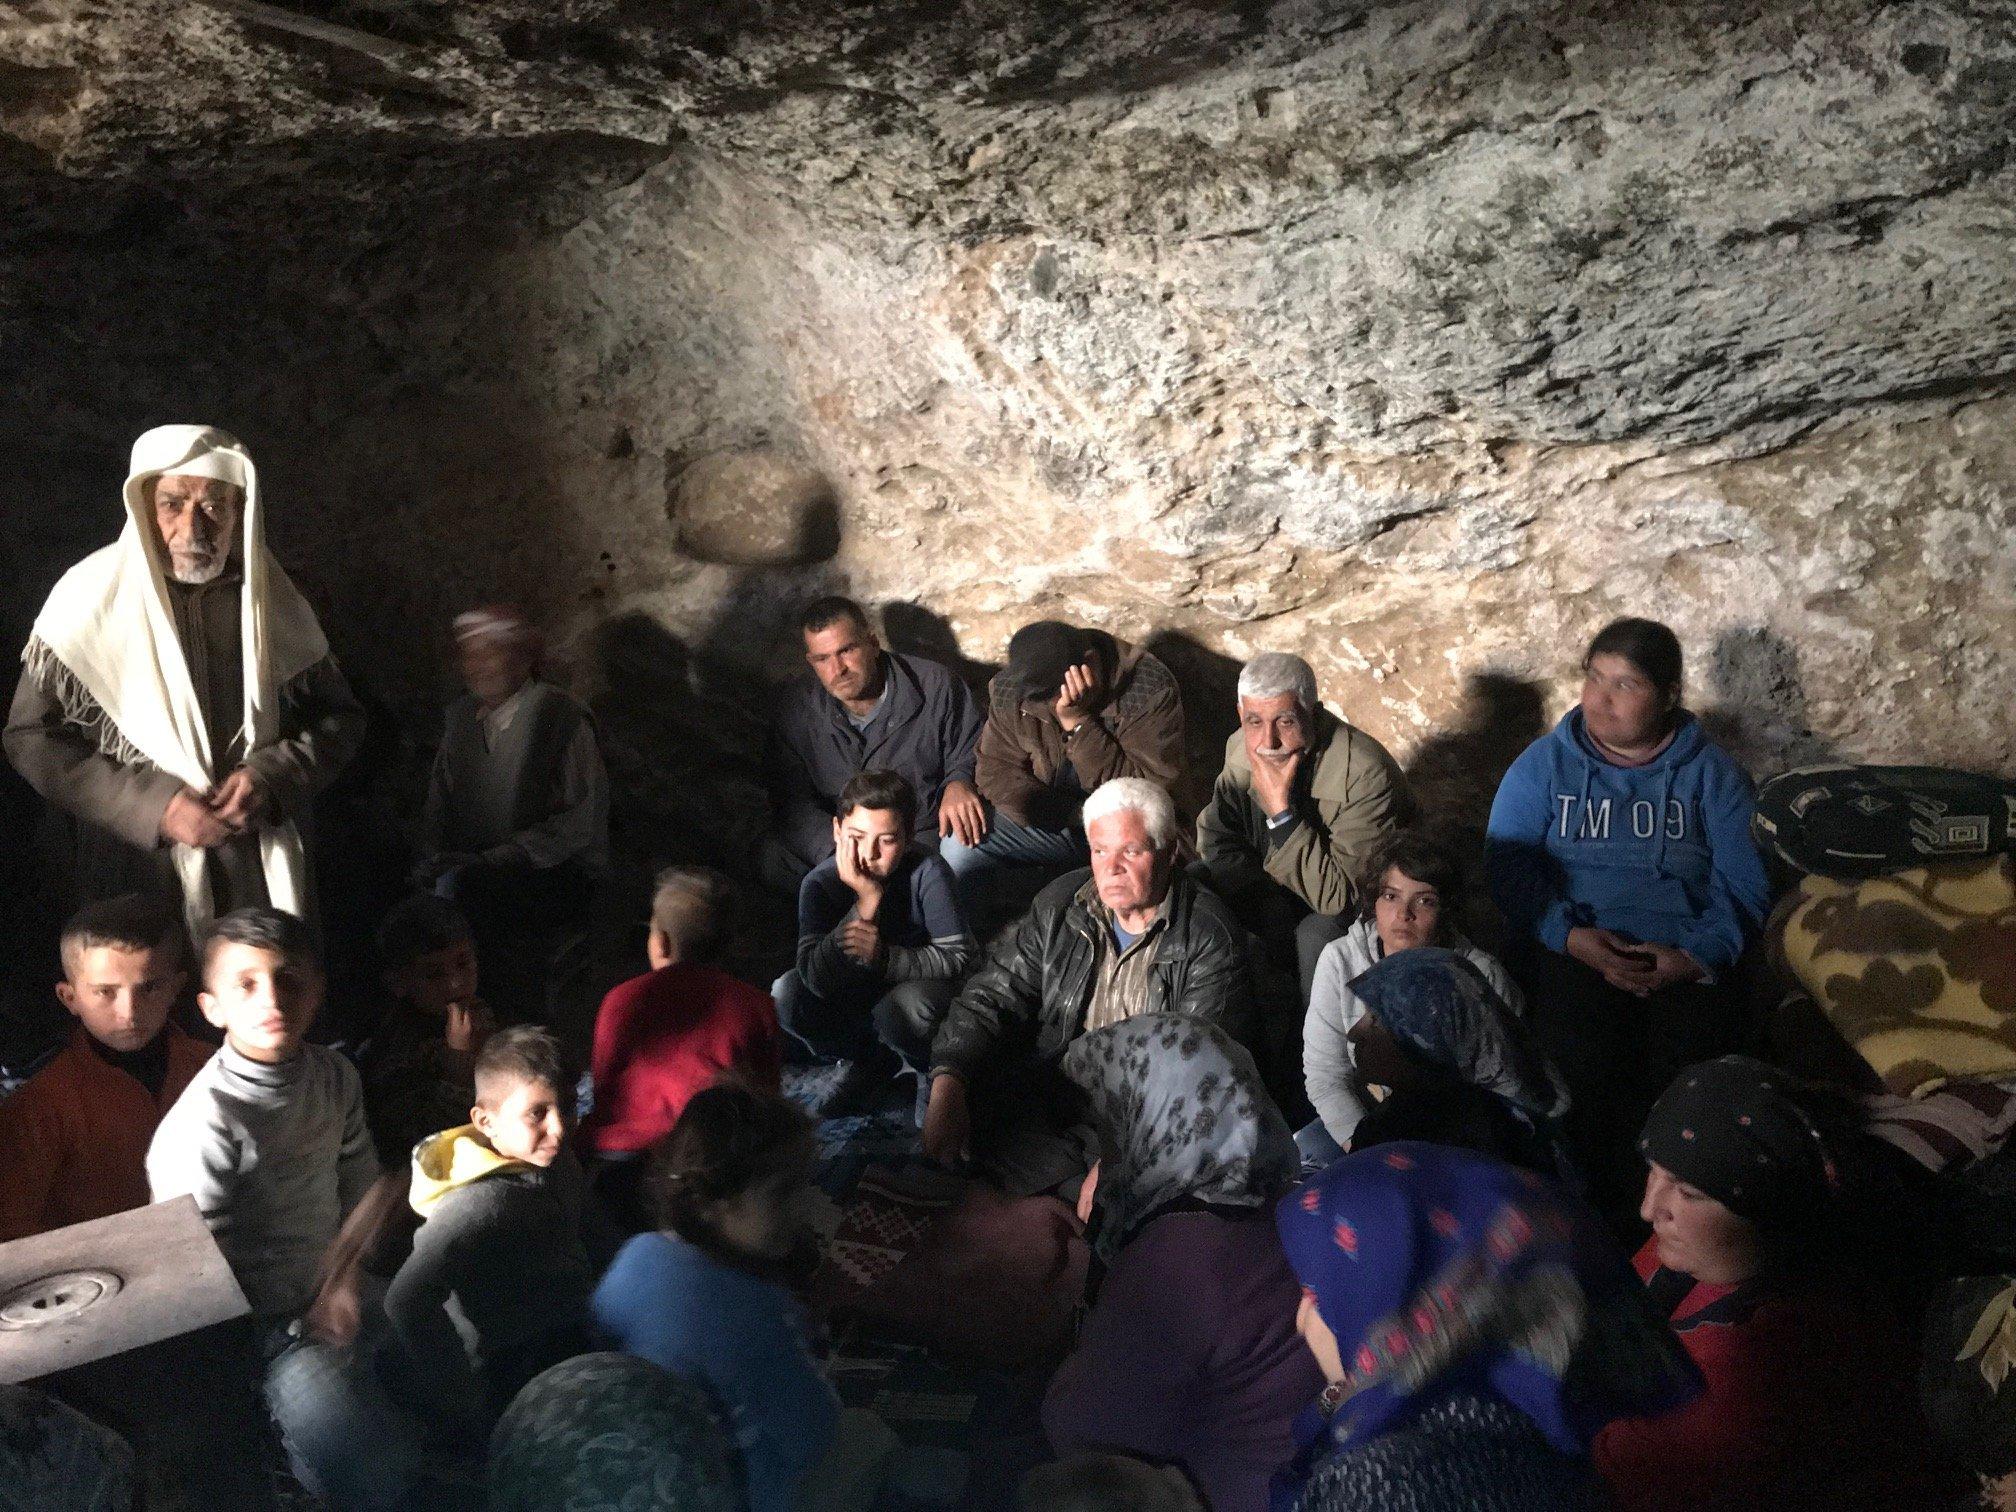 Les habitants de Jenderes ont trouvé asile dans une caverne